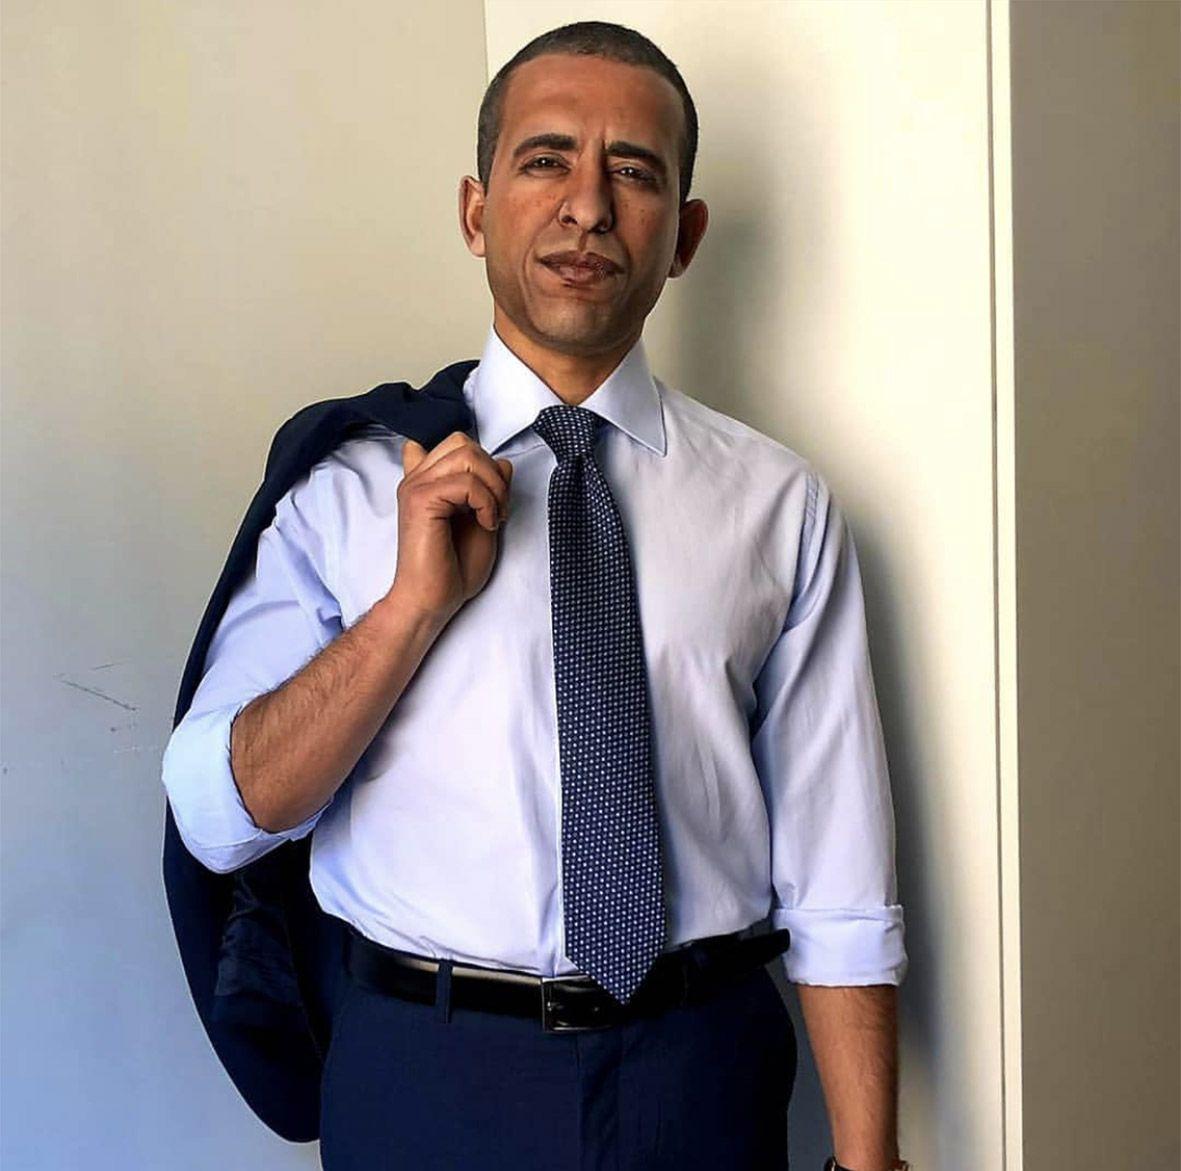 L'attore Balti Khaled nei panni dell'ex presidente degli Stati Uniti Barack Obama